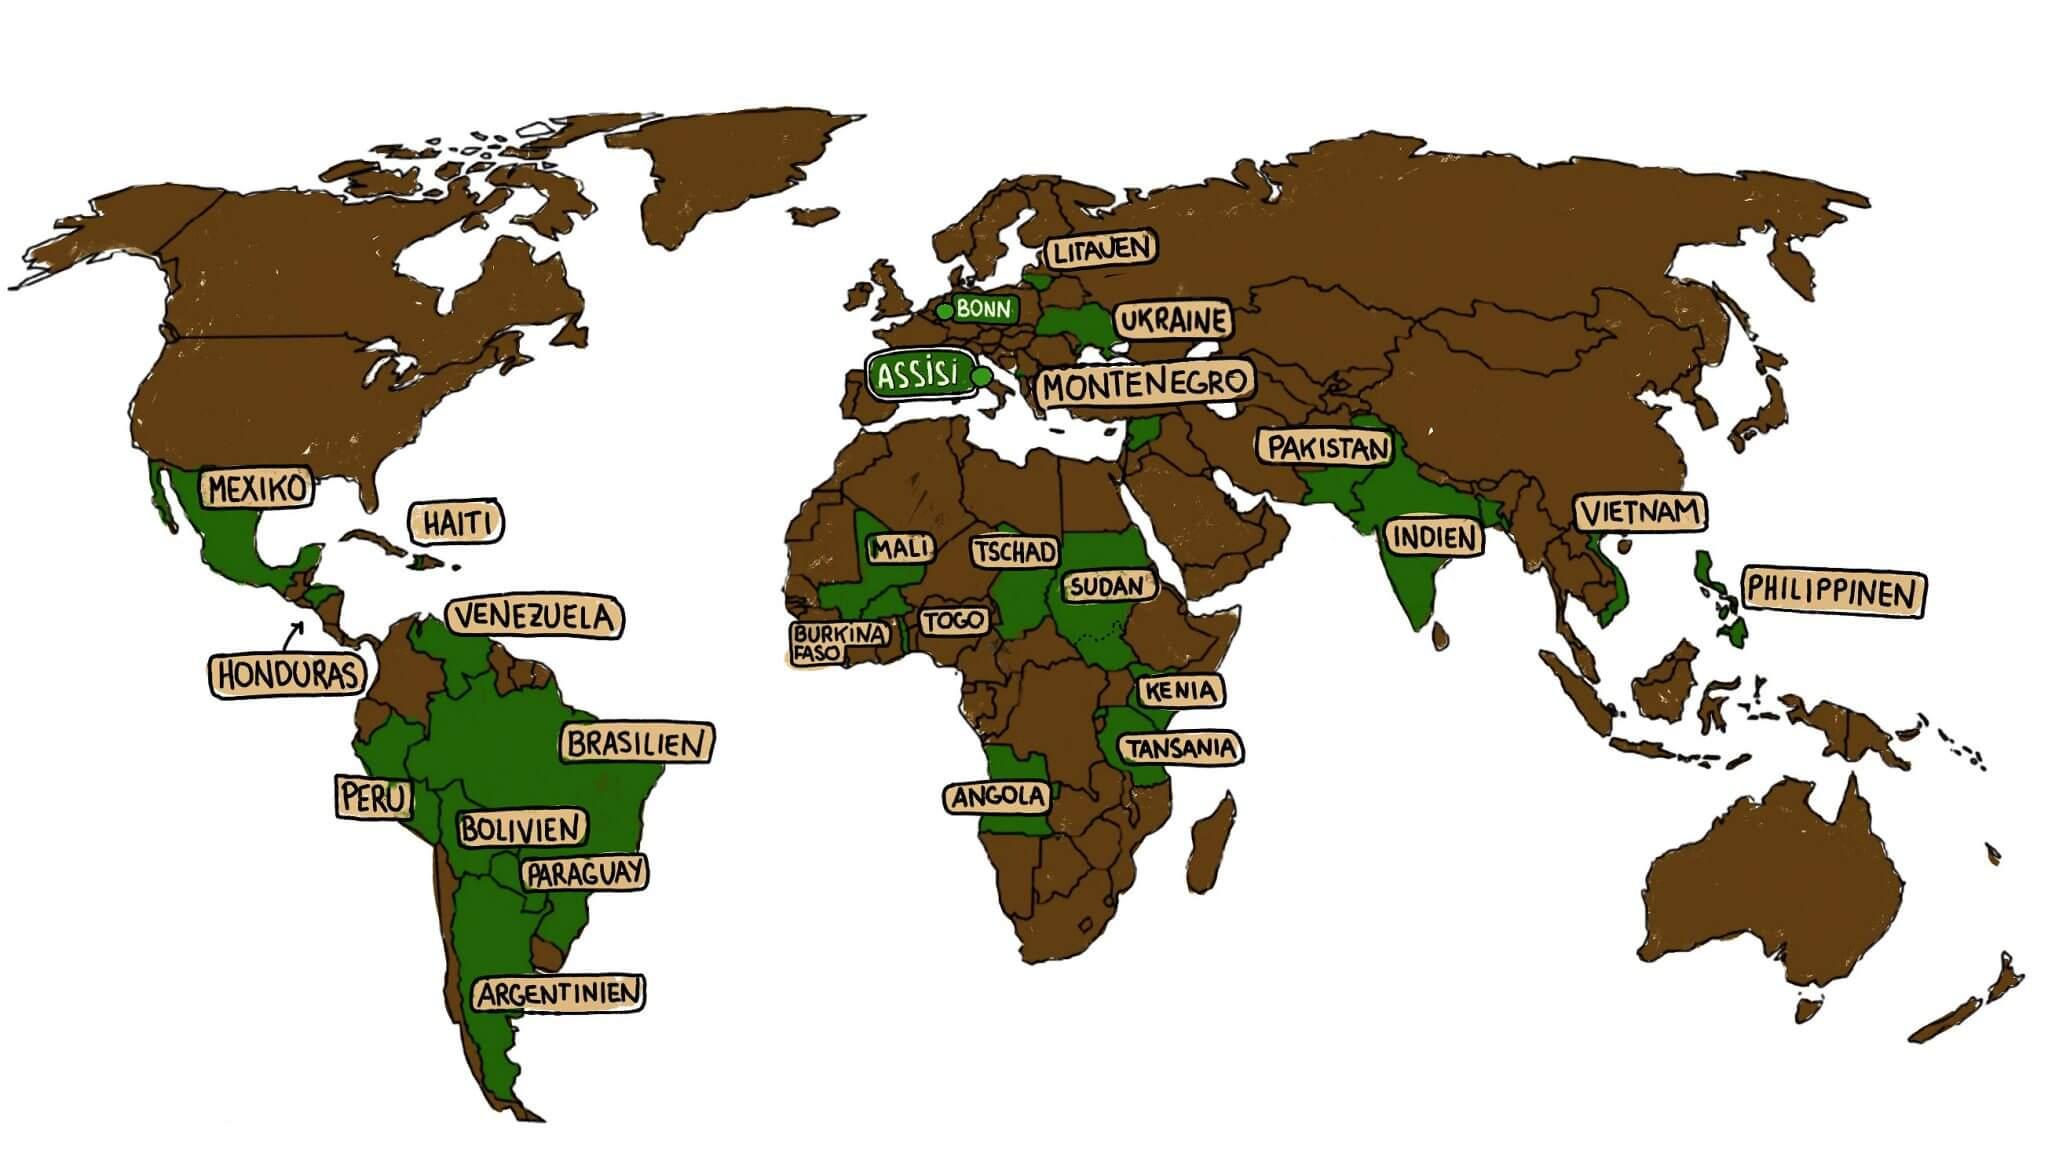 mzf_franziskaner_weltweit_karte